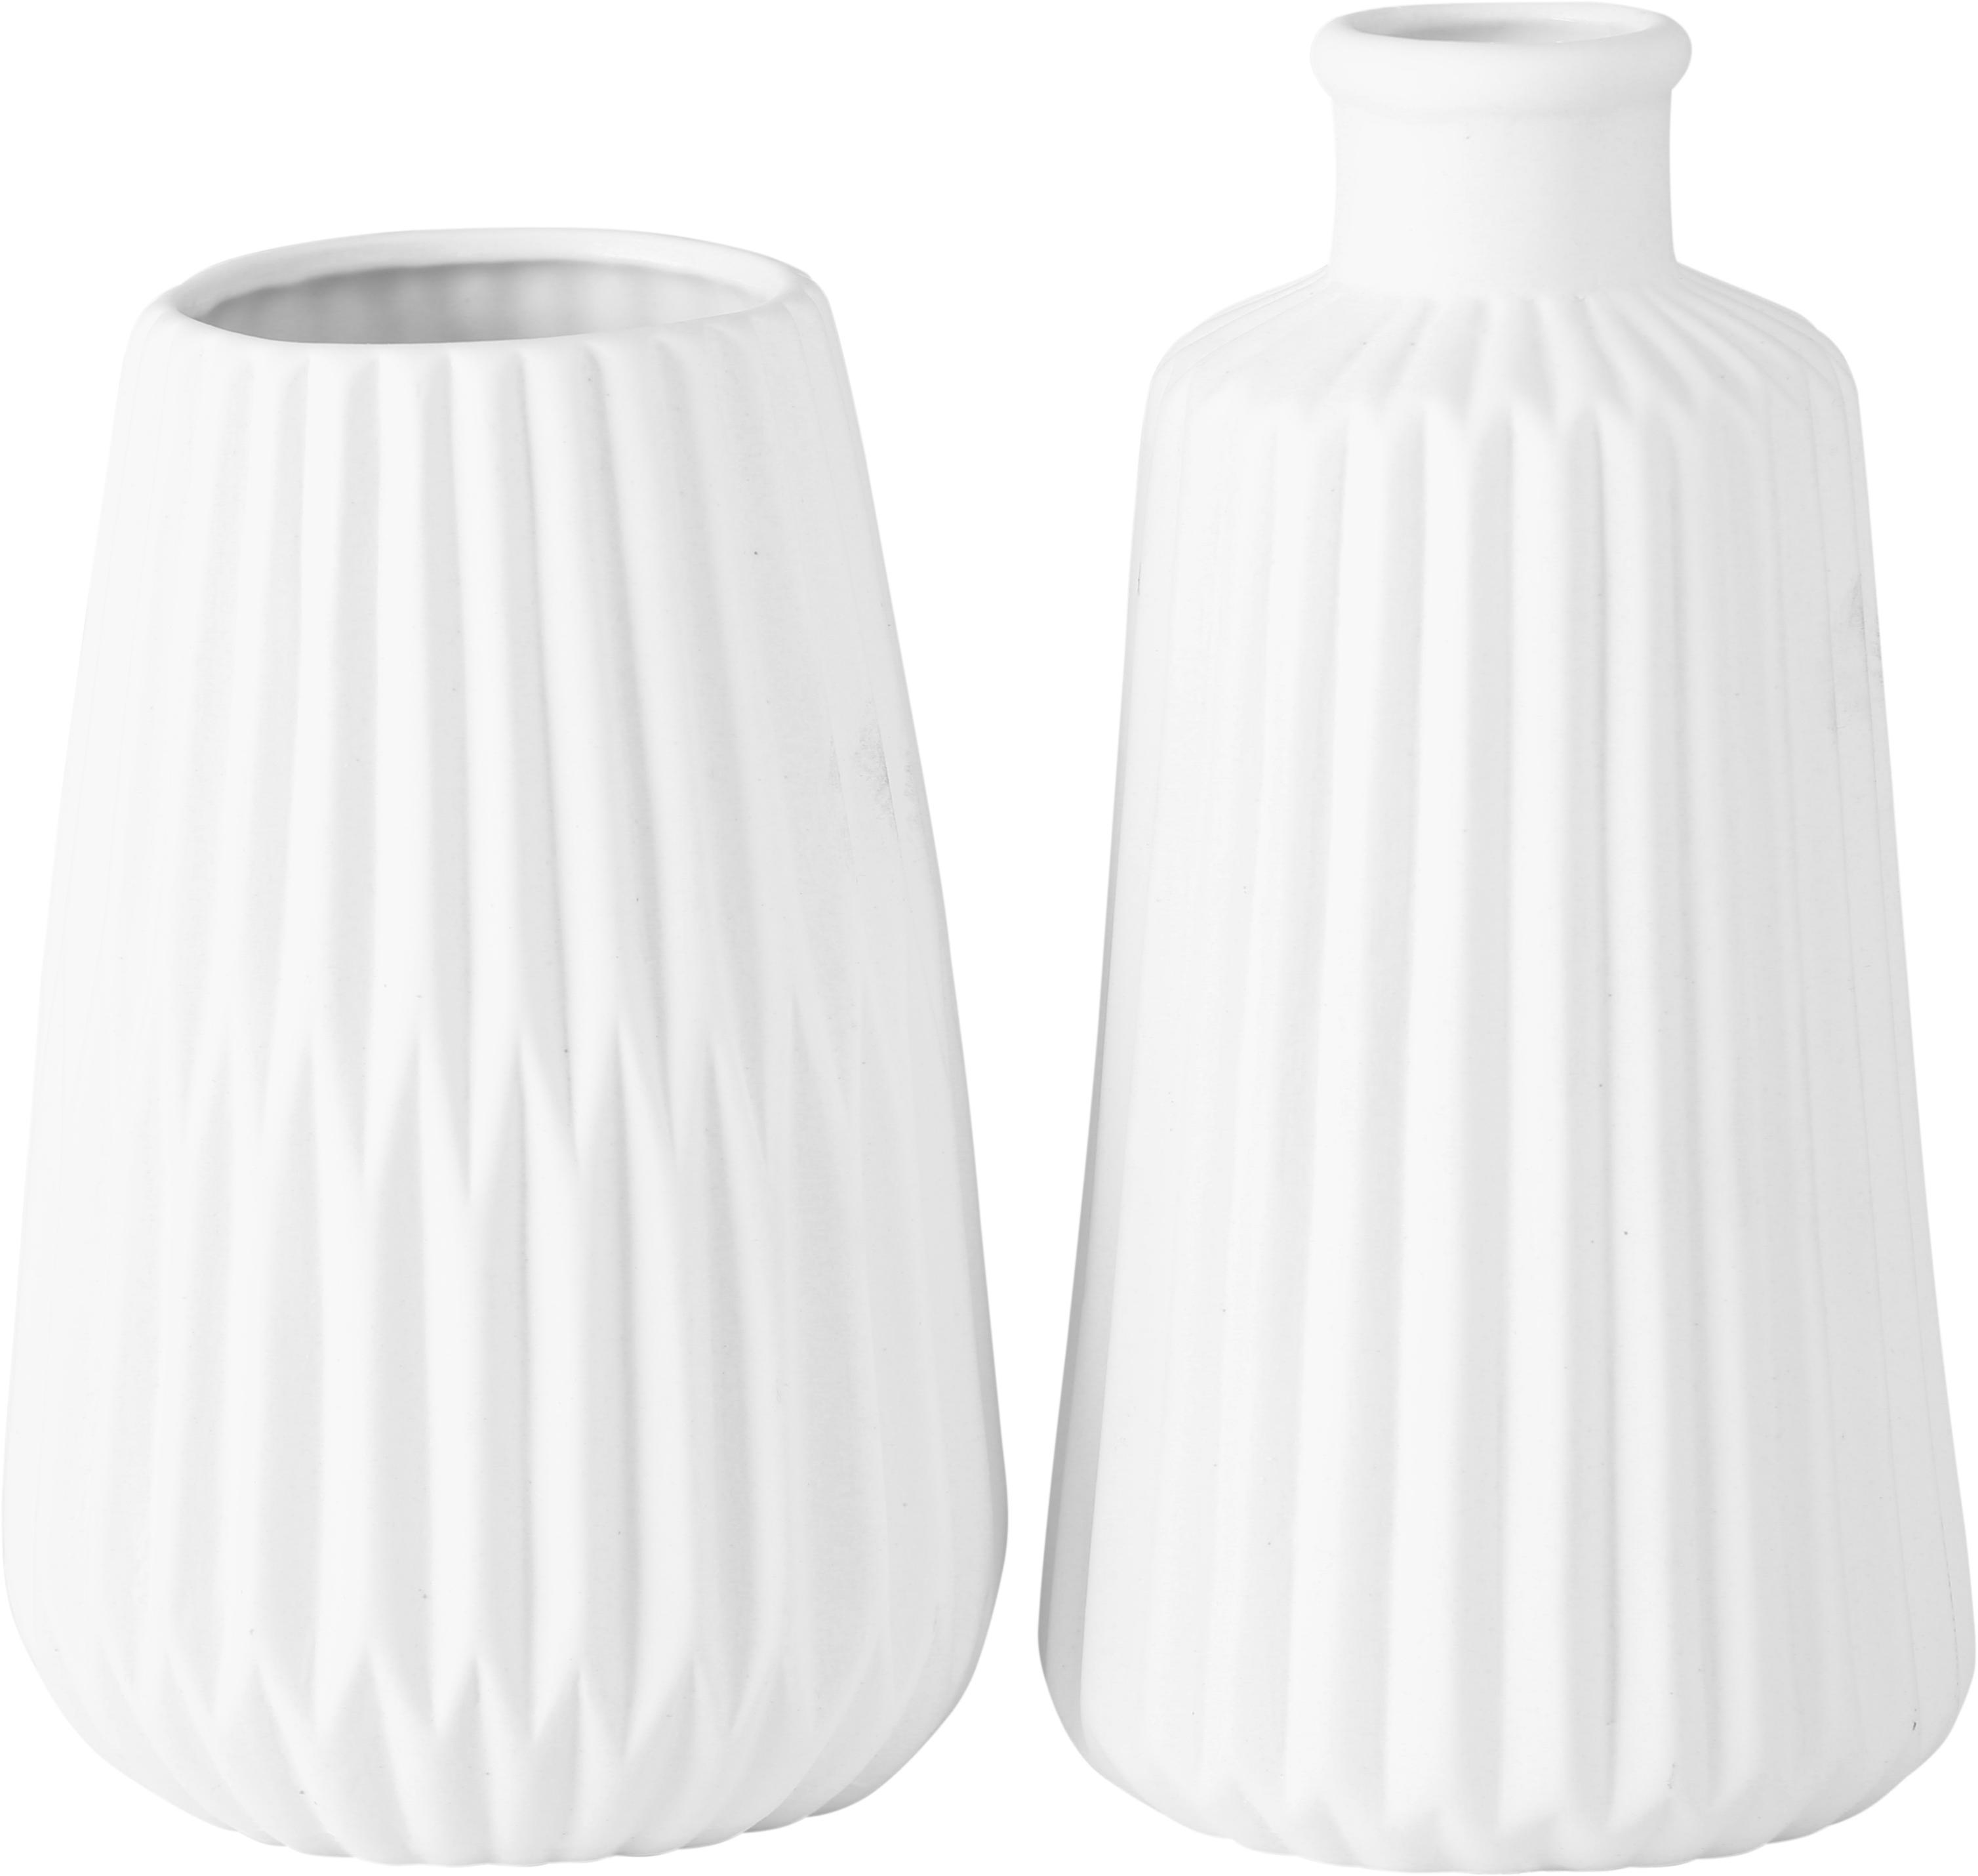 Vasen-Set Esko aus Porzellan, 2-tlg., Porzellan, Weiß, Ø 8 x H 17 cm